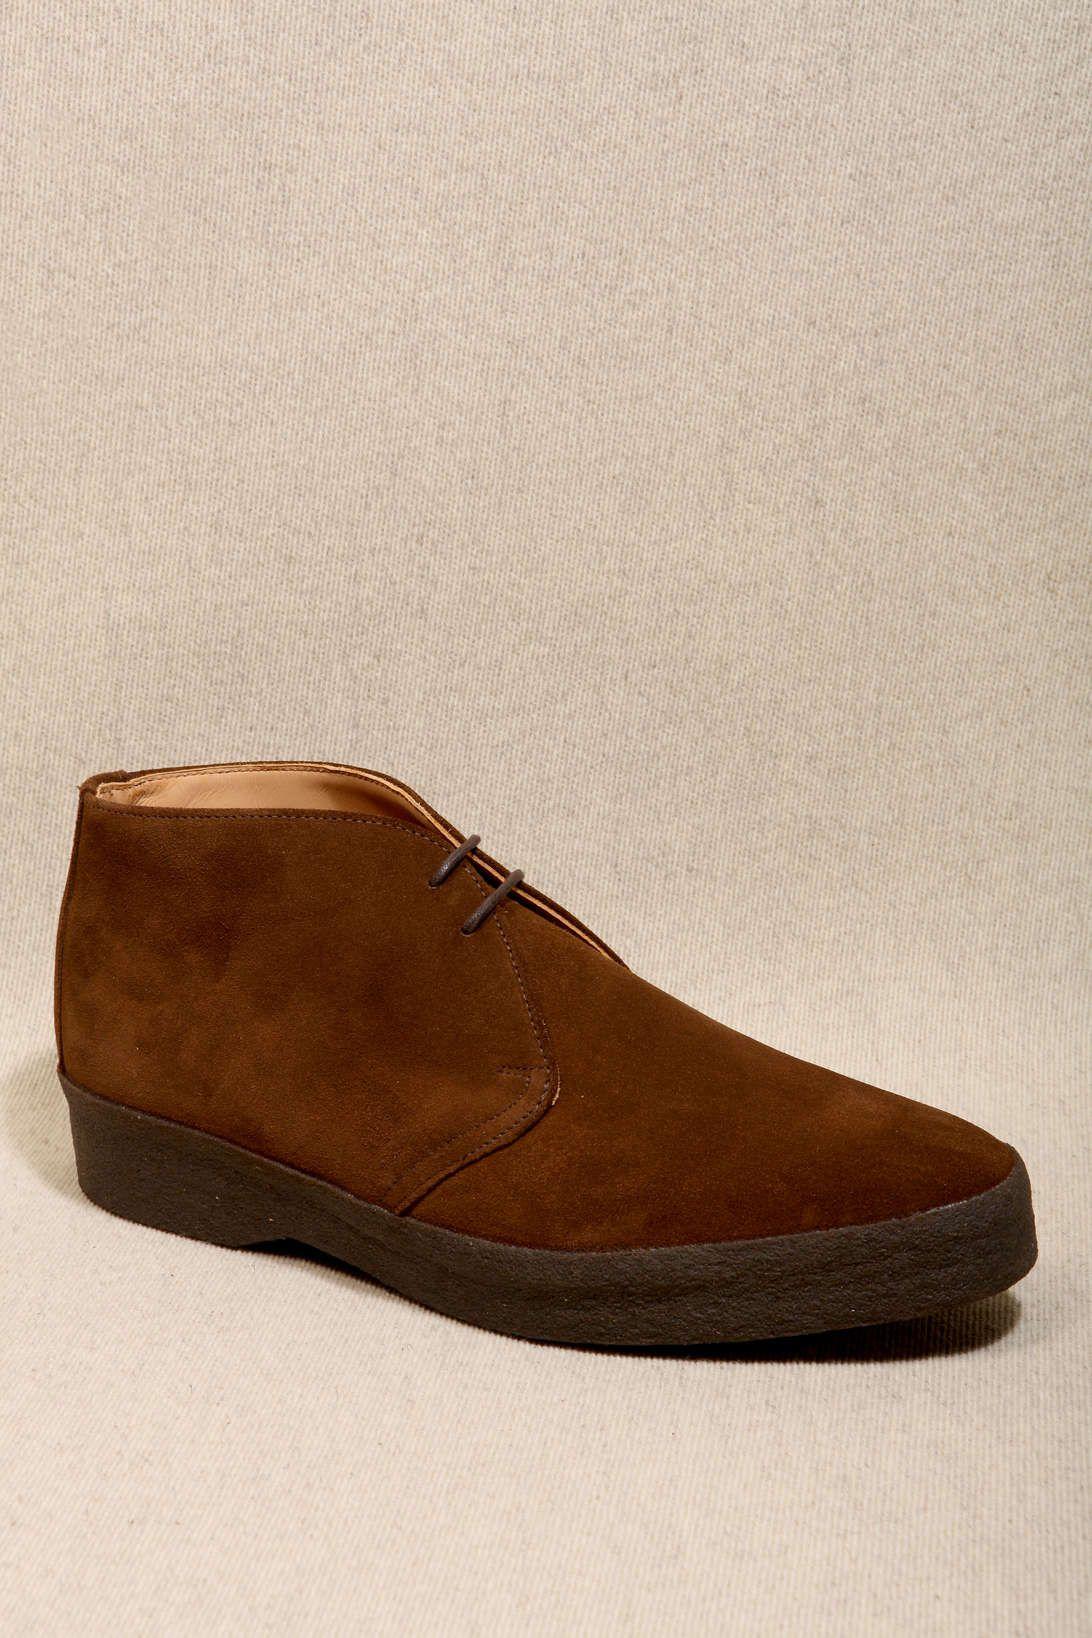 Steve mcqueen desert boots